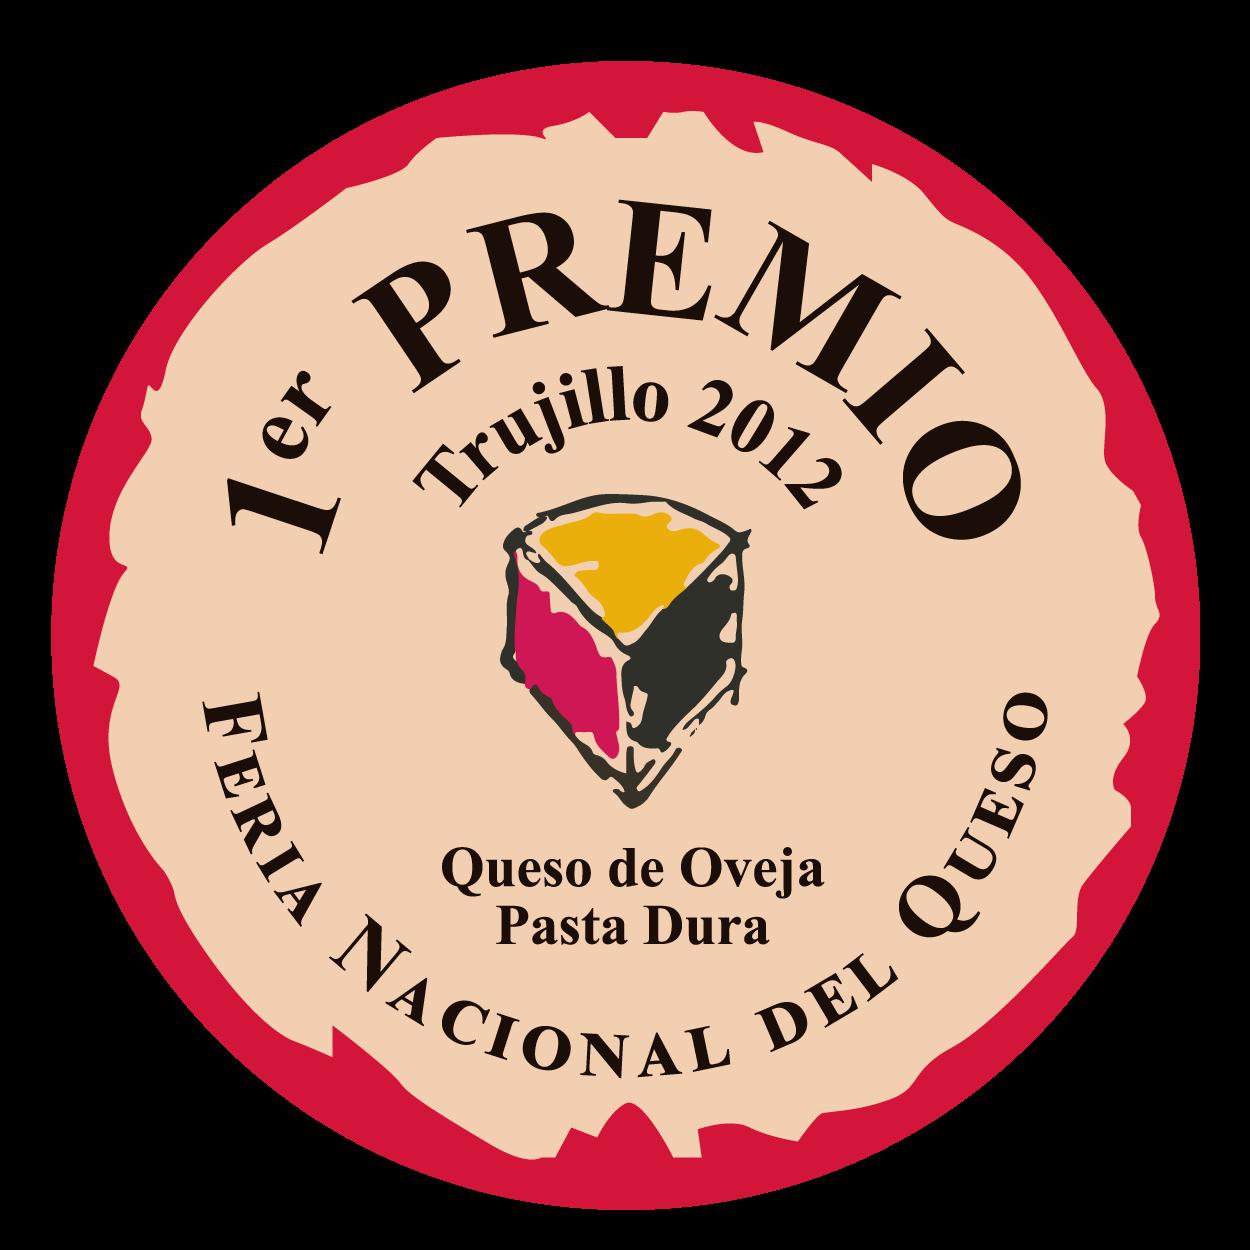 Feria Nacional del Queso de Trujillo <br> 1º premio - Pasta Dura (2012)